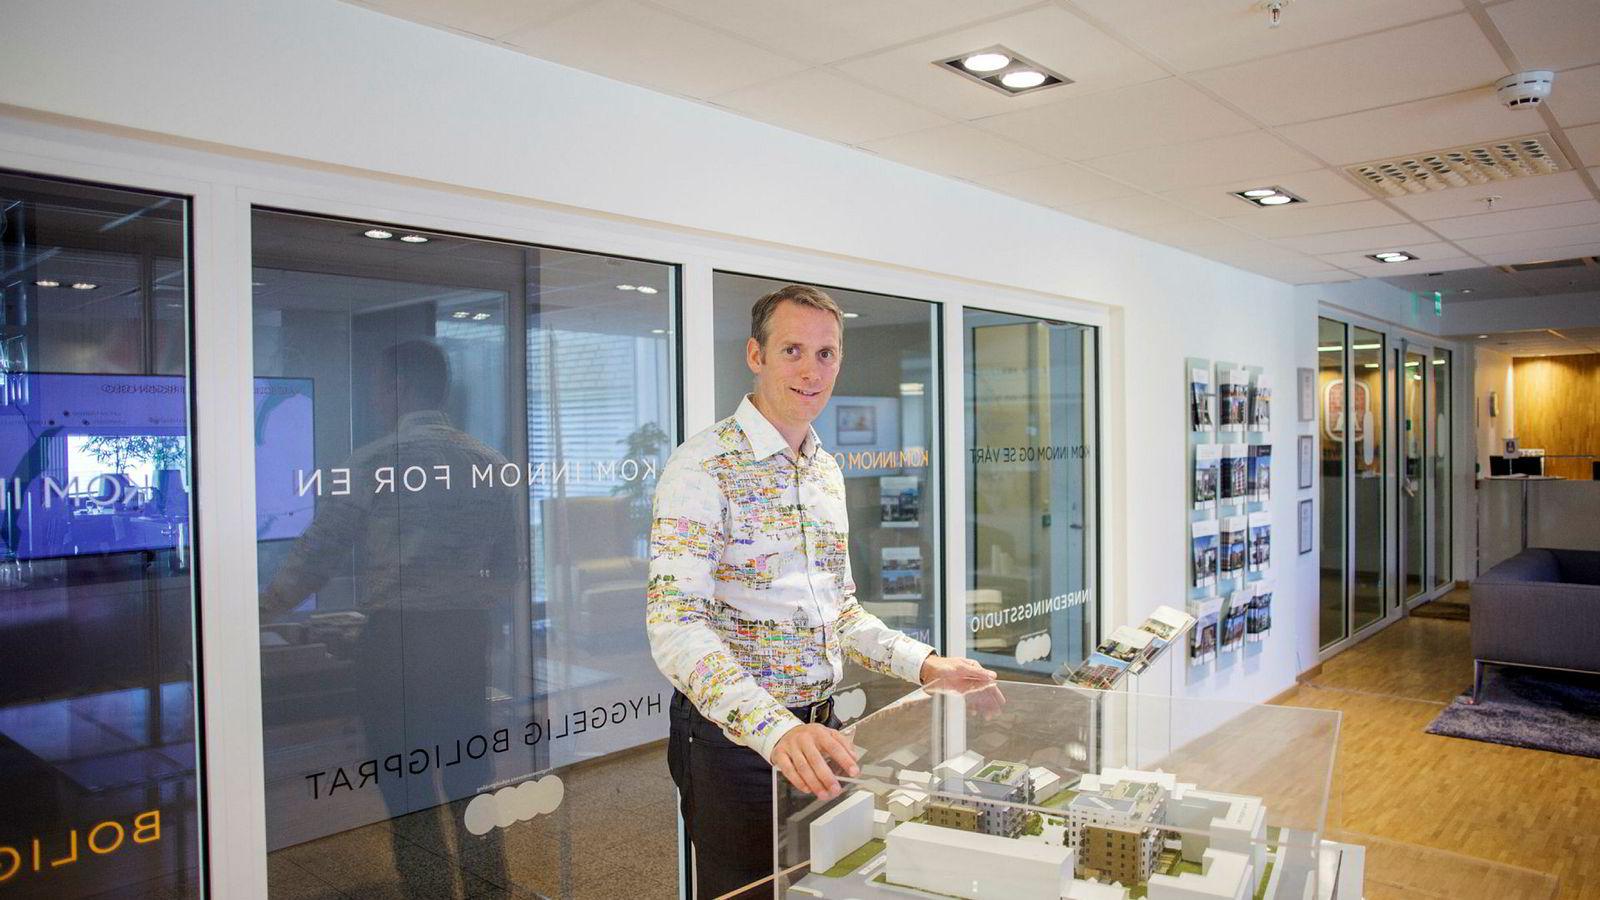 bf2c0cdd Administrerende direktør Martin Asp i JM Norge melder om gode resultater  for tredje kvartal.